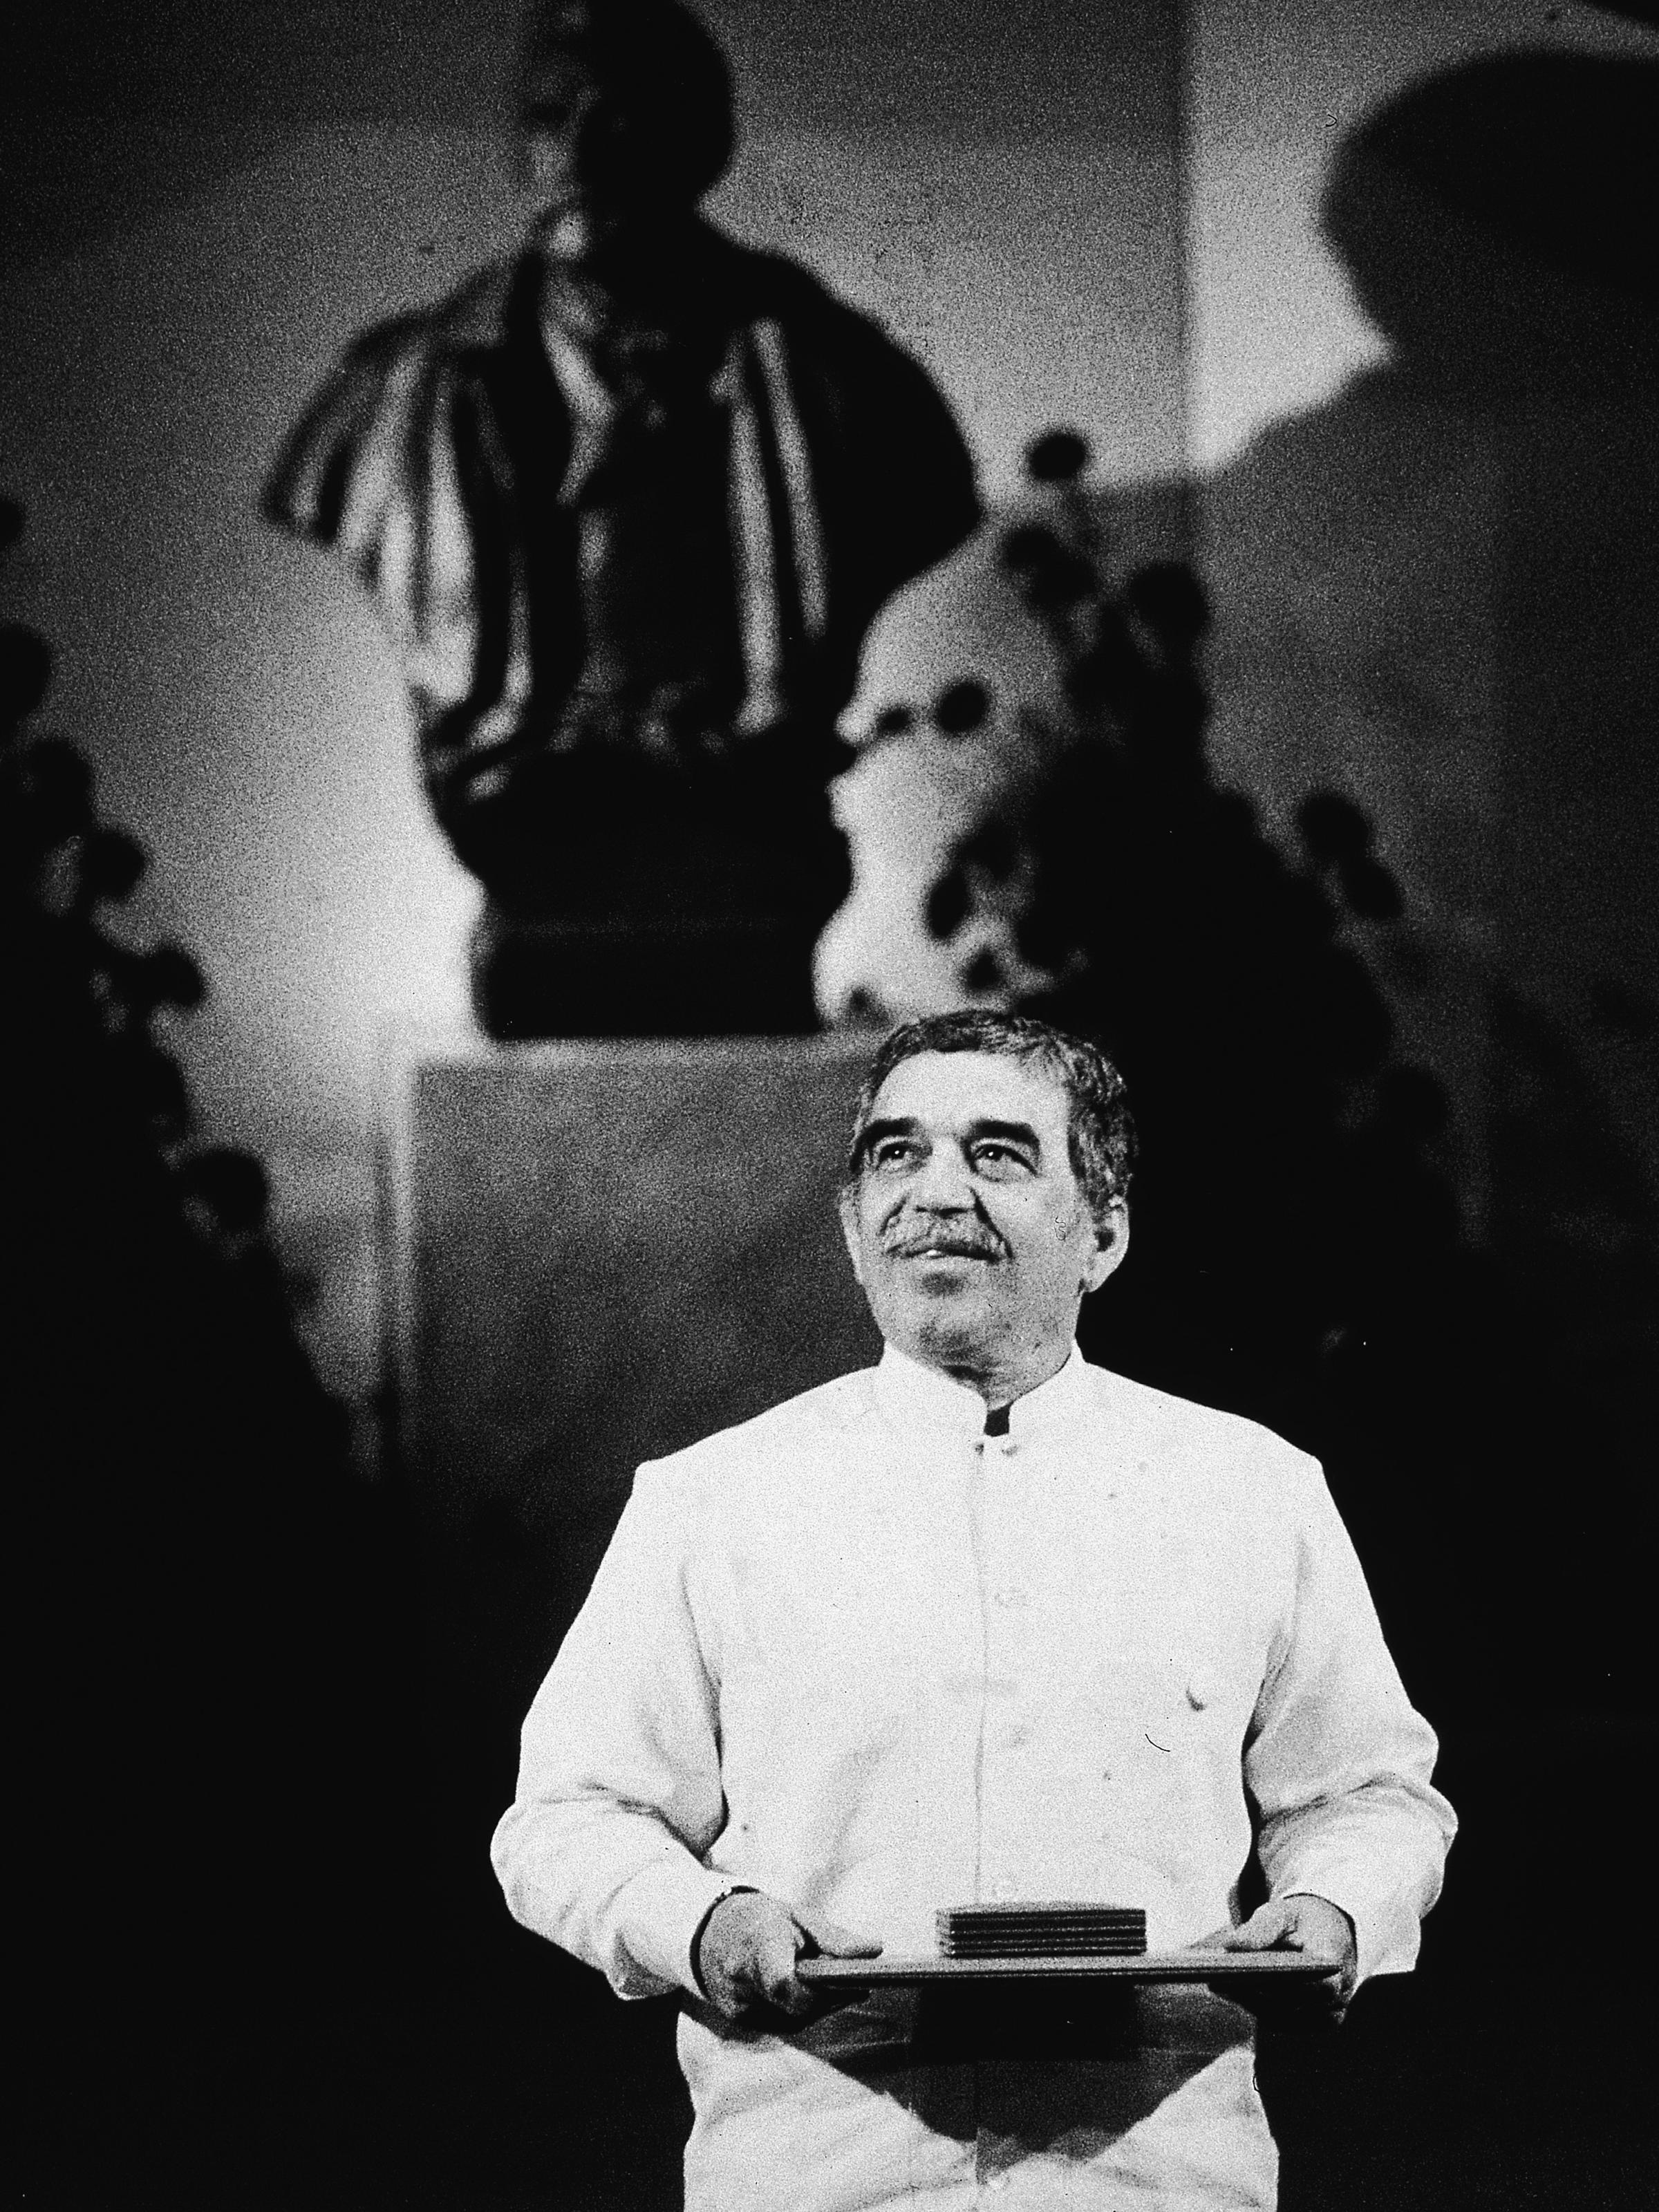 Jose Gabriel García